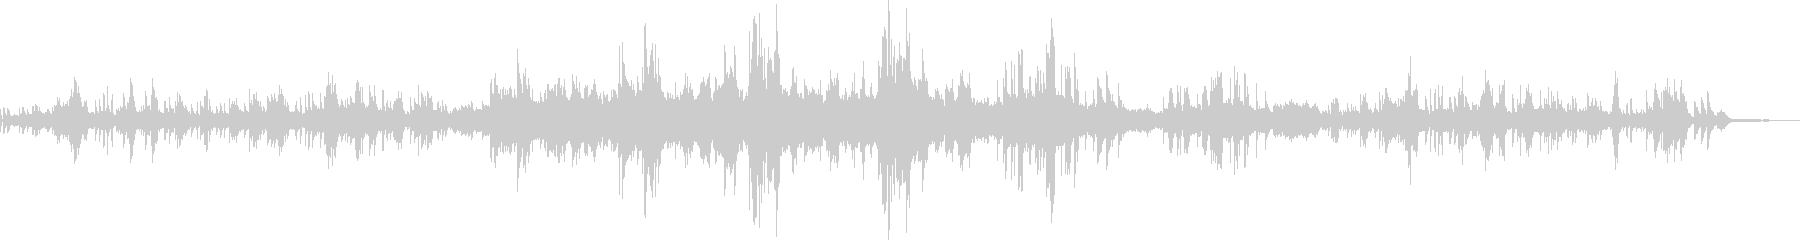 ショパン ノクターン Op9-No1の未再生の波形